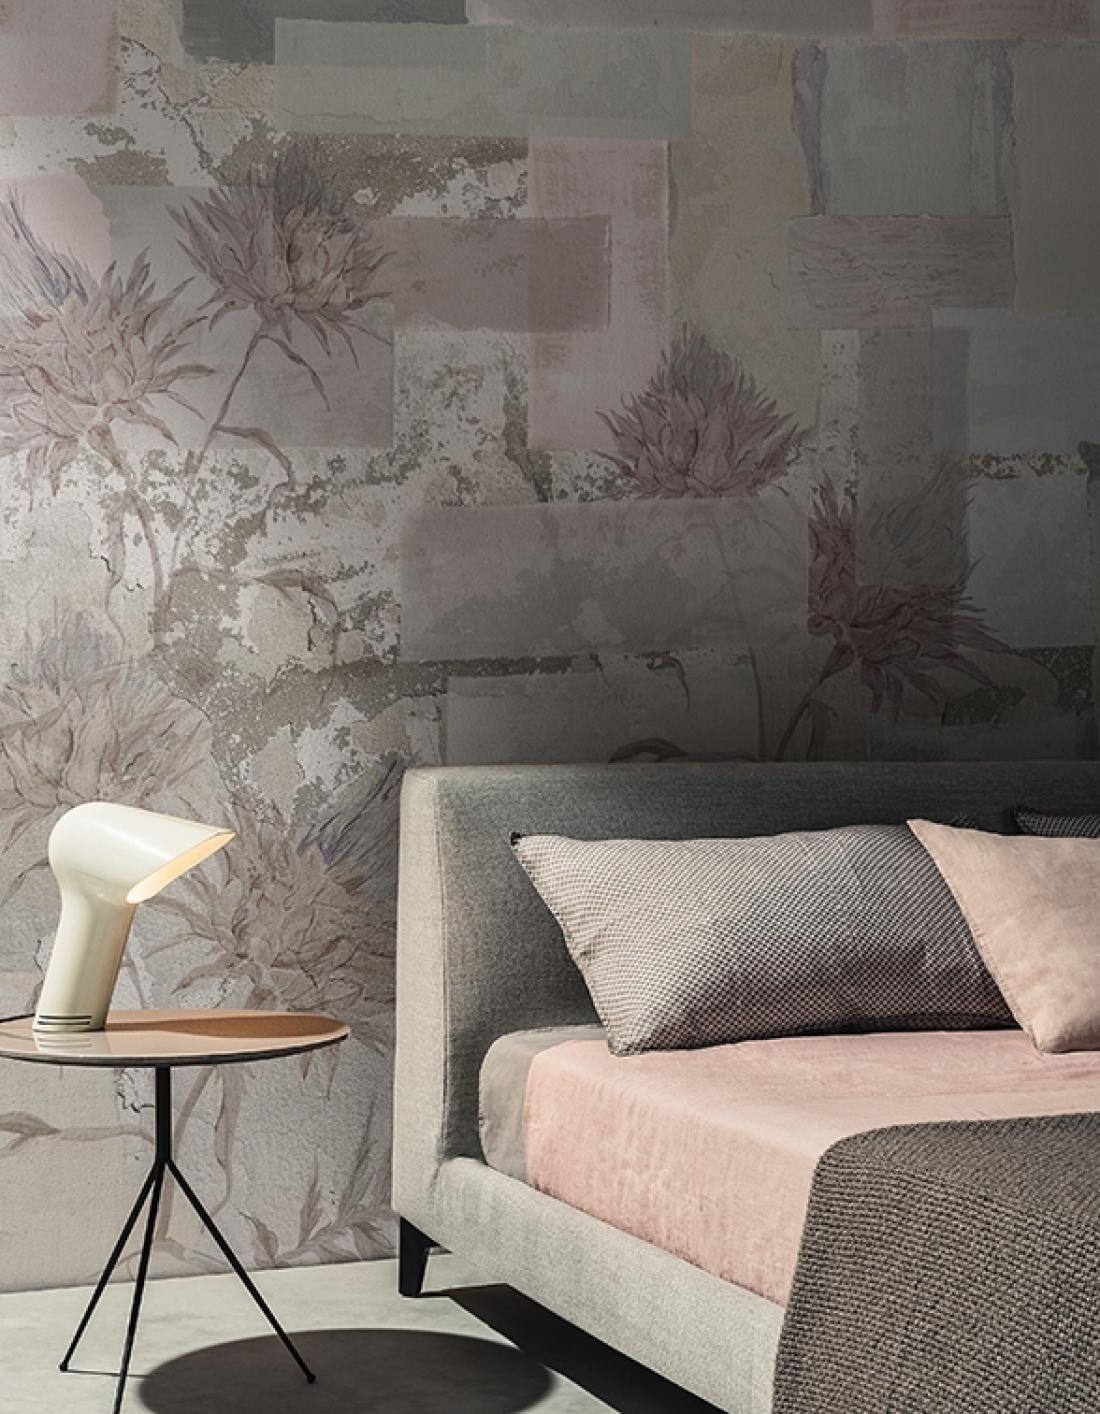 Siva je priljubljena izbira tudi pri stenskih tapetah. FOTO: arhiv podjetja Wall & Deco